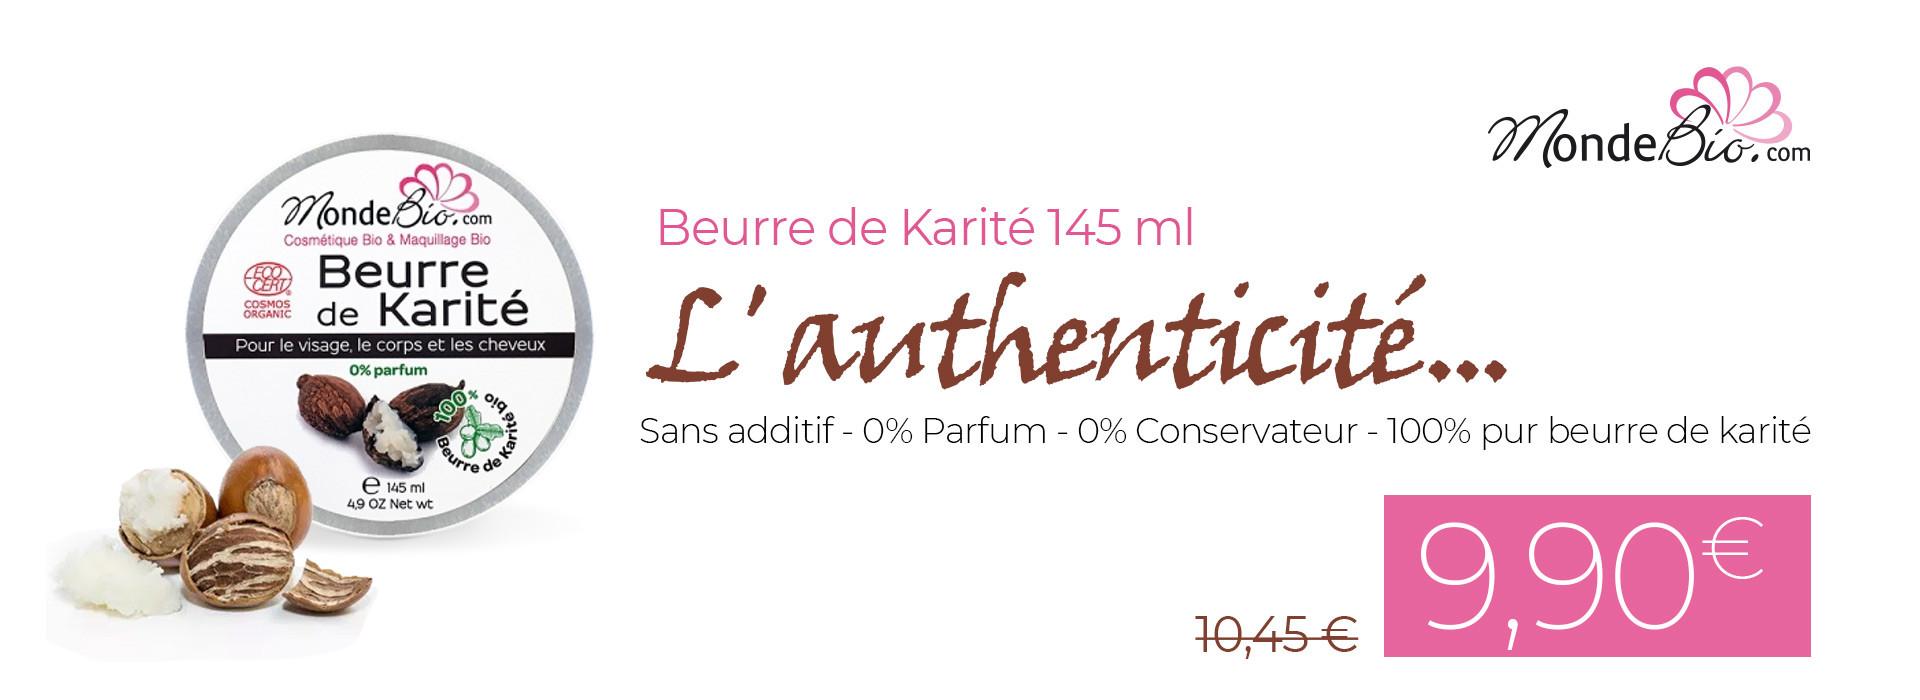 Beurre de Karité MondeBio à 9,90 €